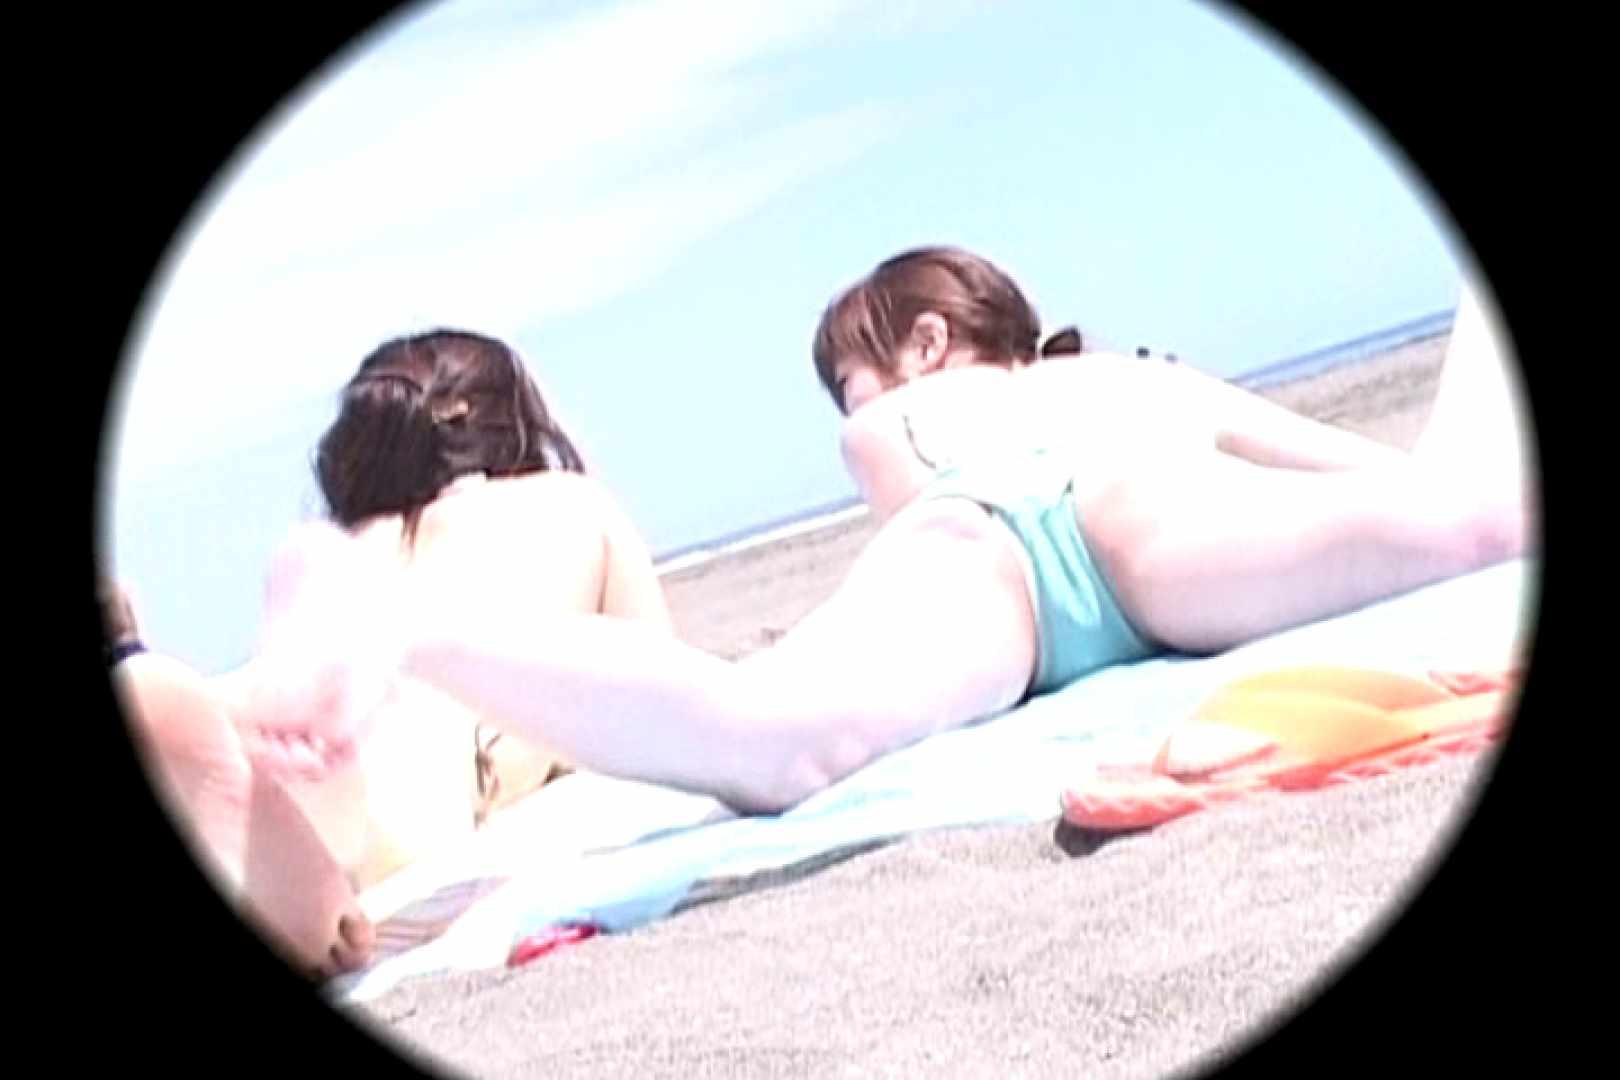 ビーチで発見!!はしゃぎ過ぎポロリギャルVol.4 ロリ 盗撮ワレメ無修正動画無料 102画像 87